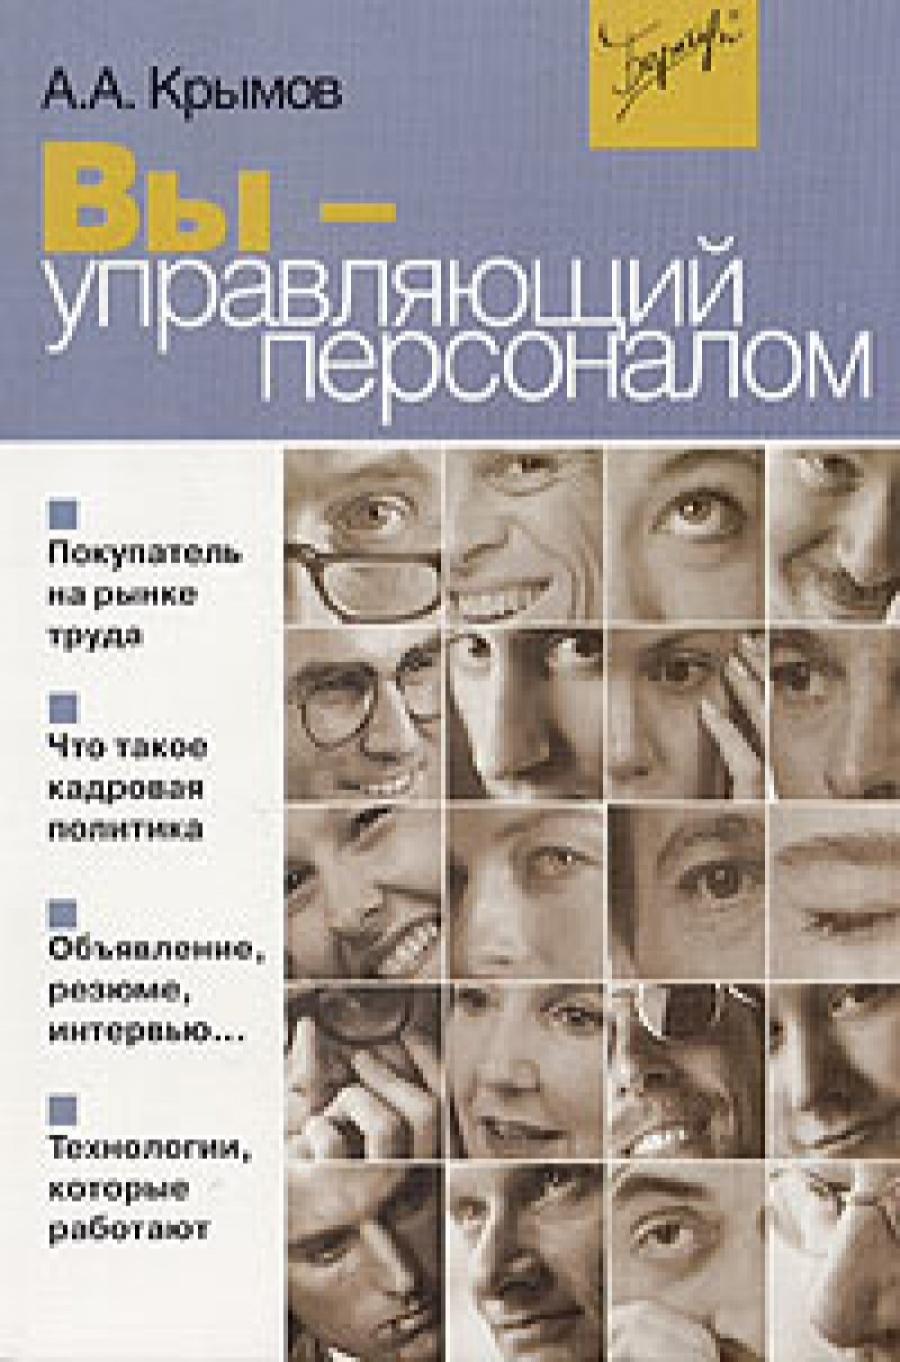 Обложка книги:  крымов а.а. - вы - управляющий персоналом.